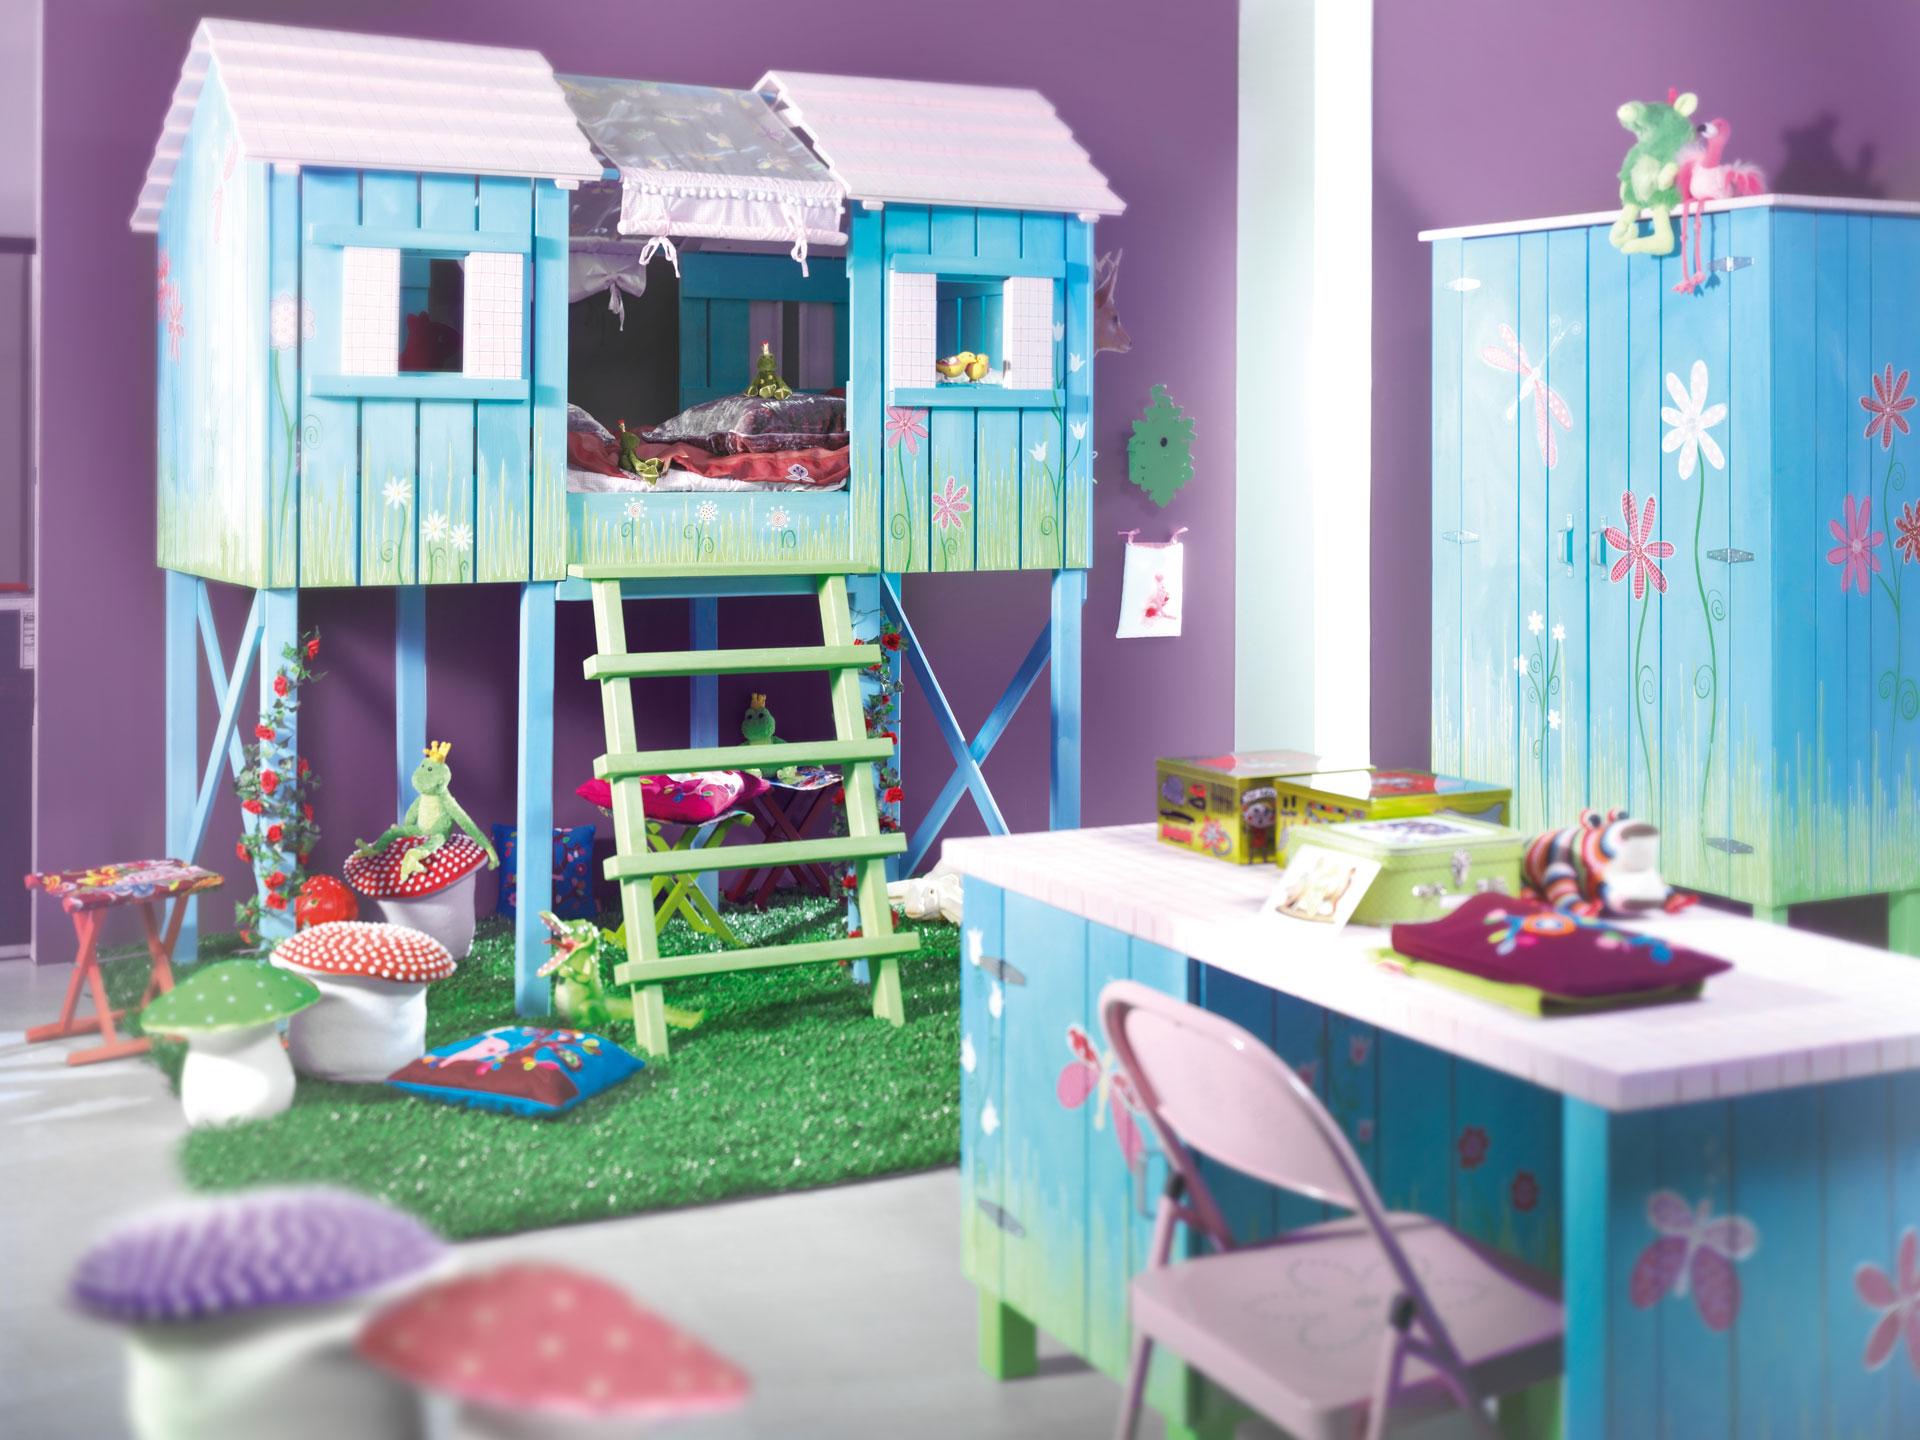 Декор мебели рисунками детской комнаты